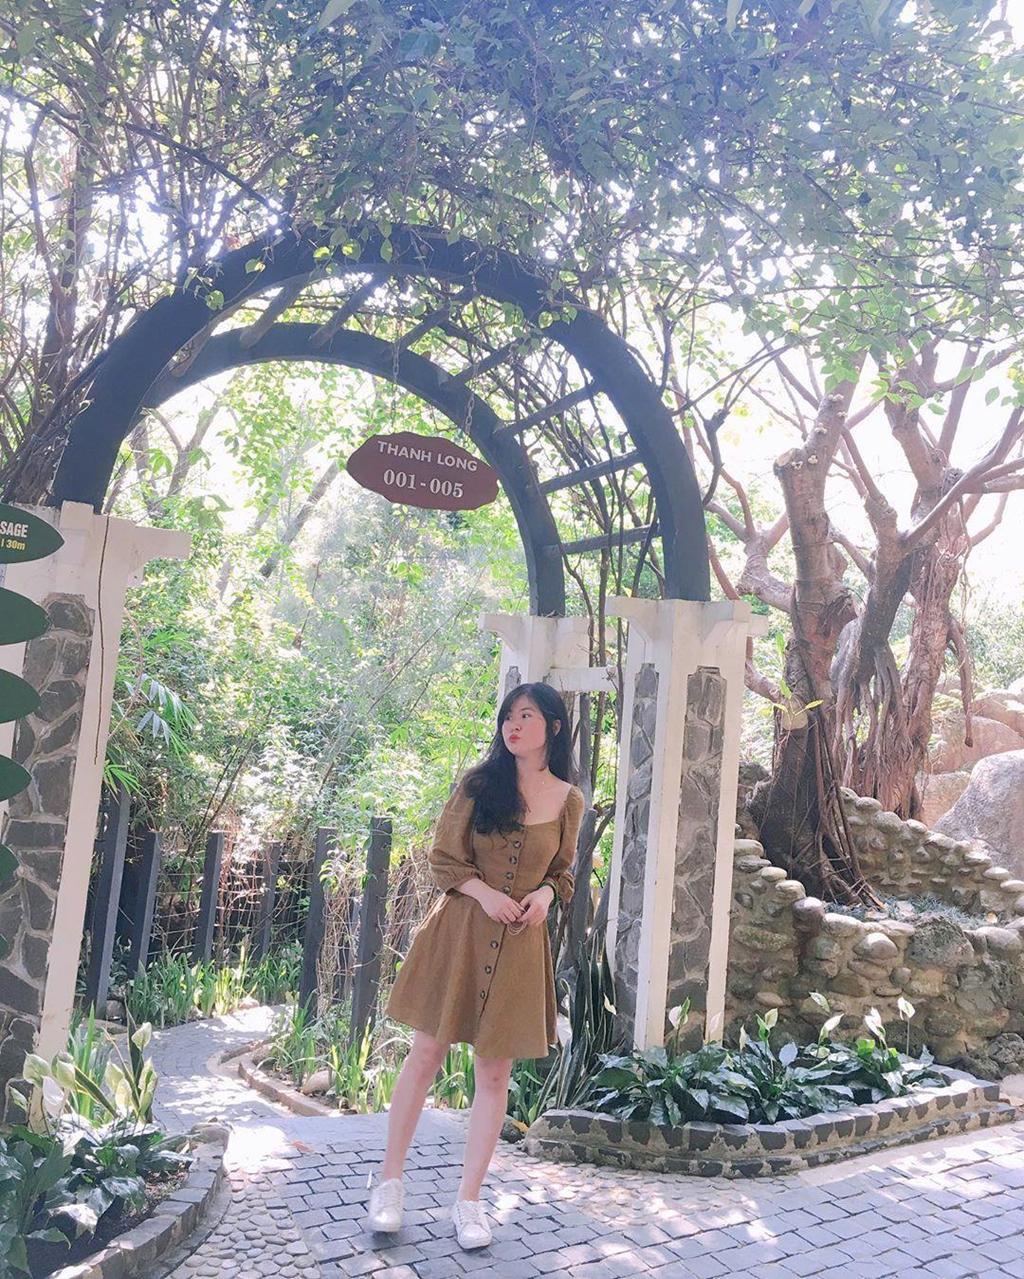 'Tắm tiên' thả ga tại suối khoáng nóng đẹp quên lối về ở Đà Nẵng Ảnh 13